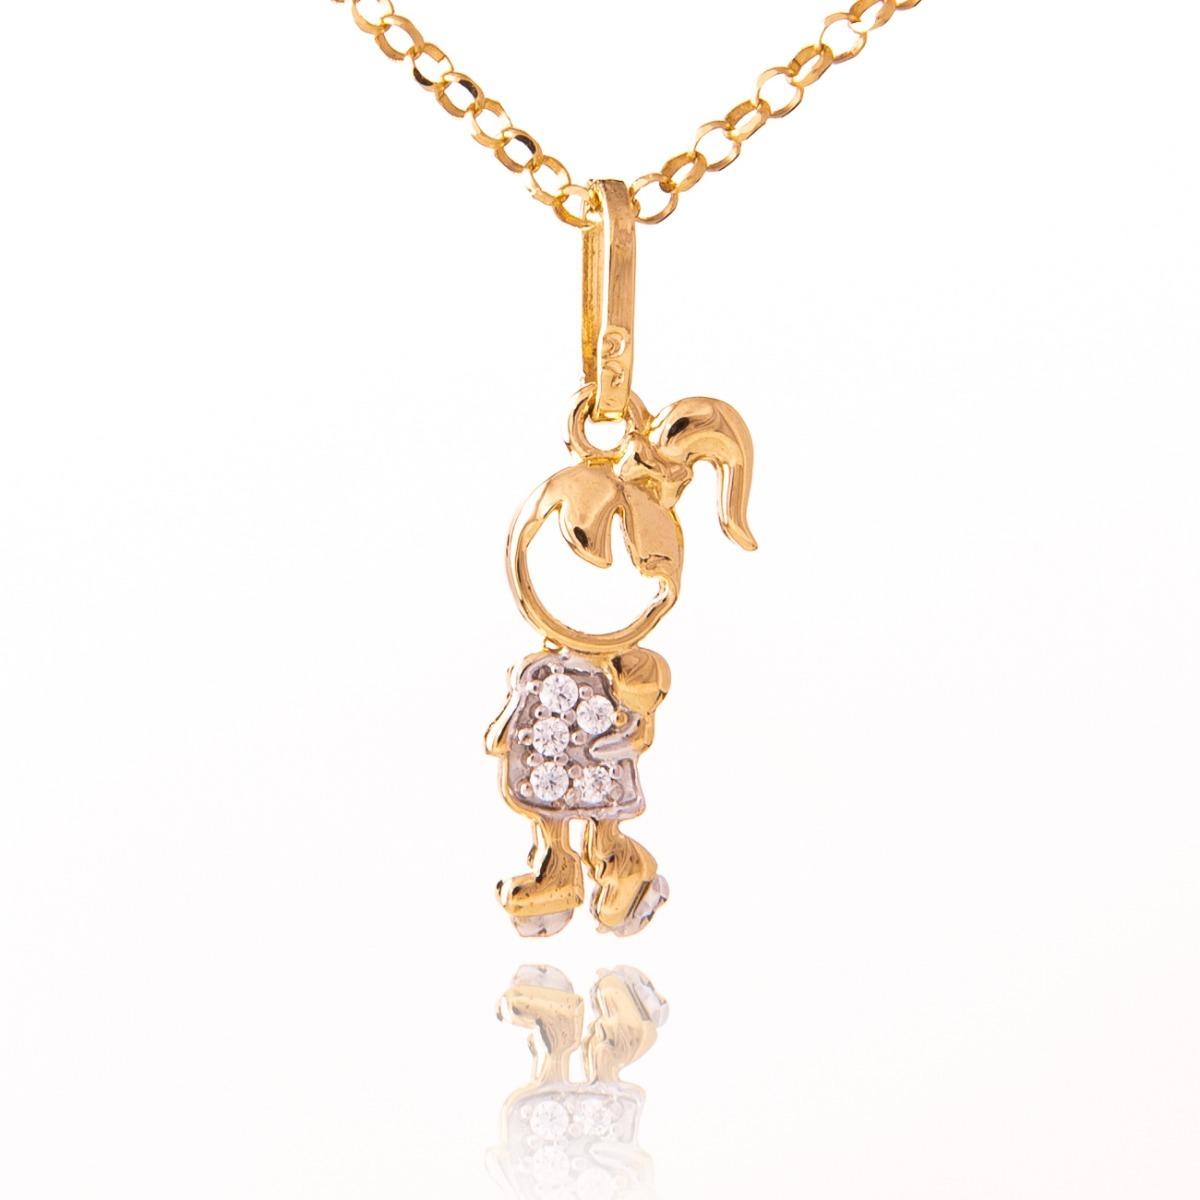 pingente menina de ouro 18k e diamantes naturais vivarjo q07. Carregando  zoom. 6eb4e2f3d1